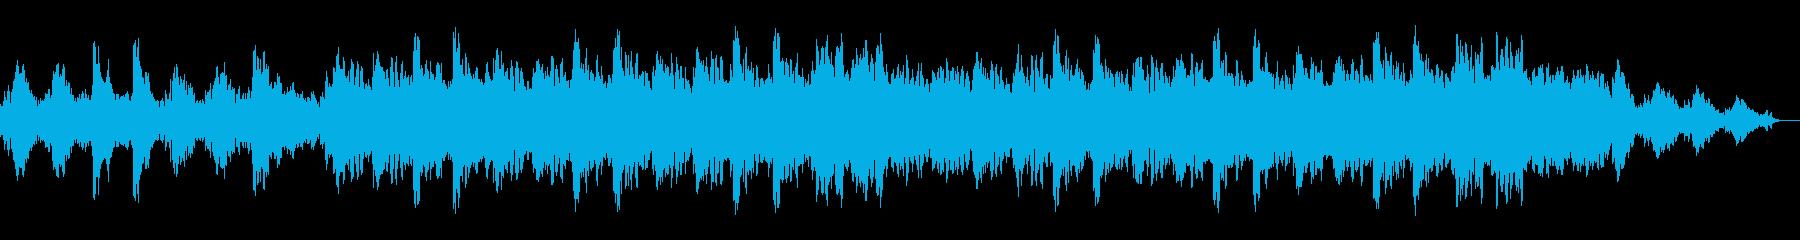 穏やかで神秘的なアンビエント系BGMの再生済みの波形